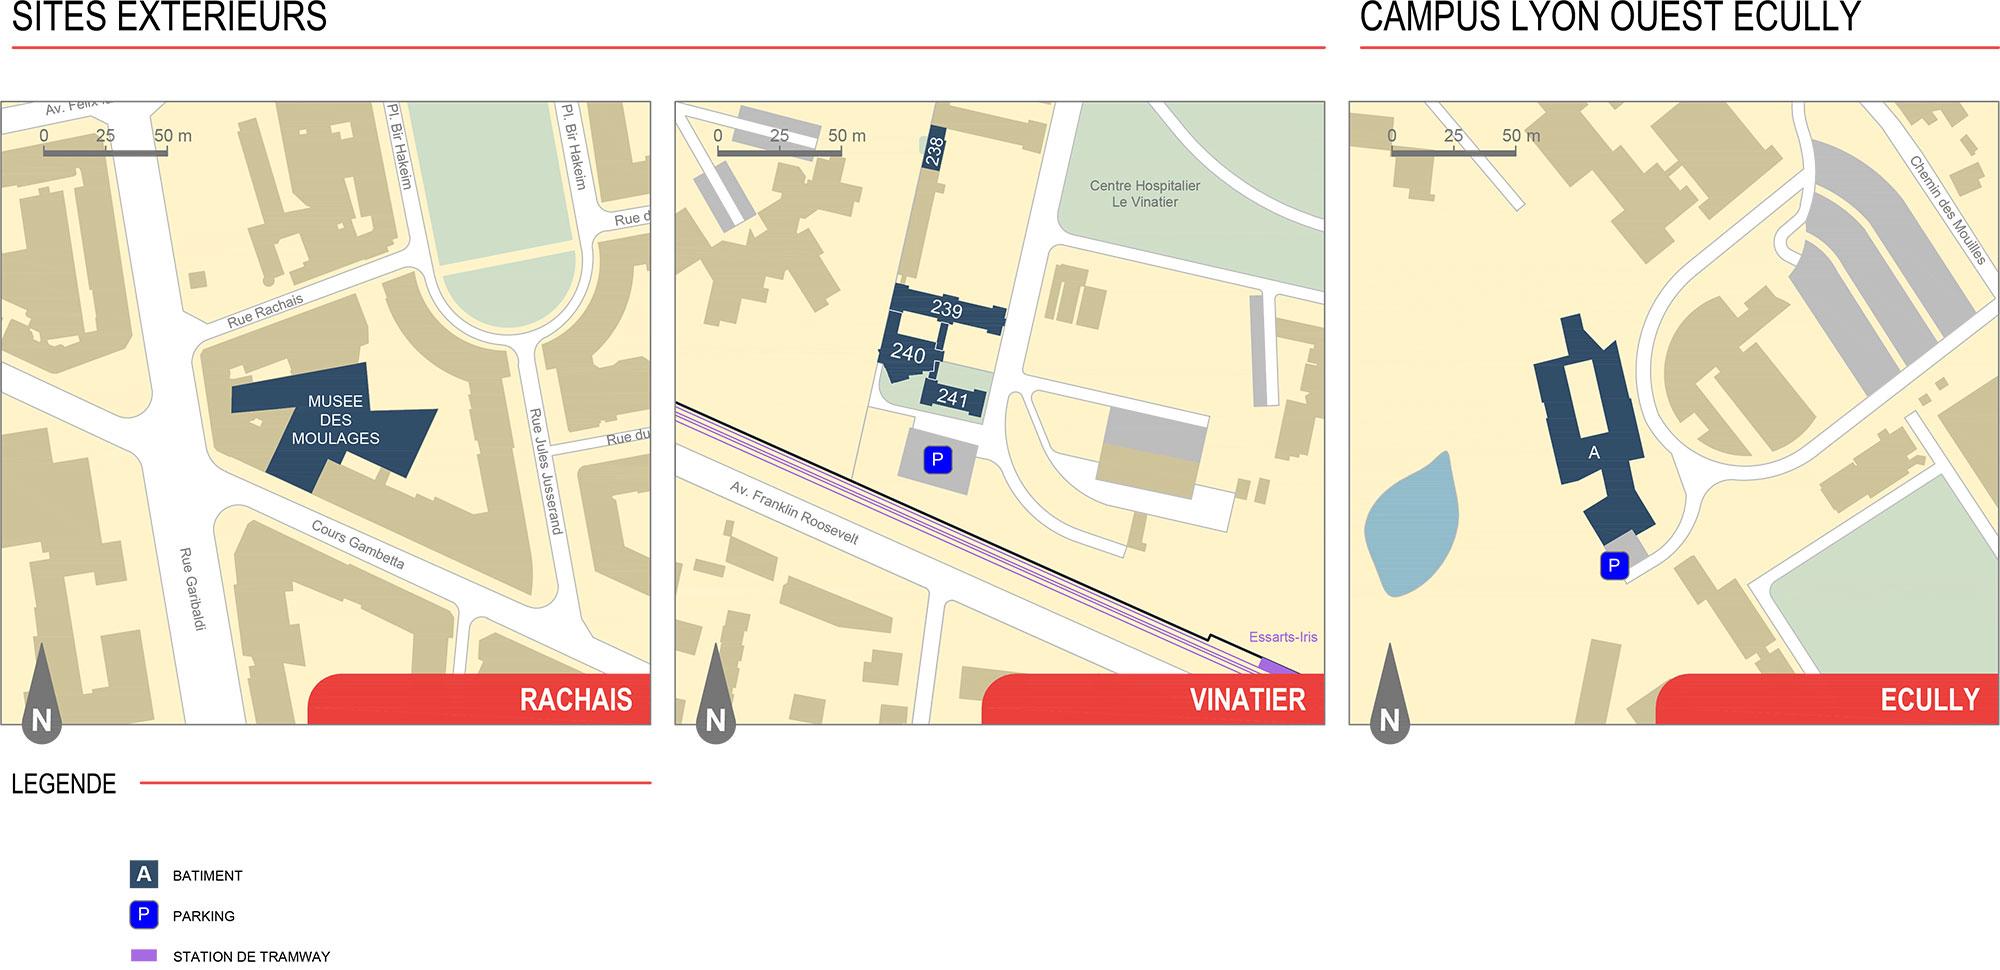 Université Lumière Lyon 2 - plan sites extérieurs (2020/2021)